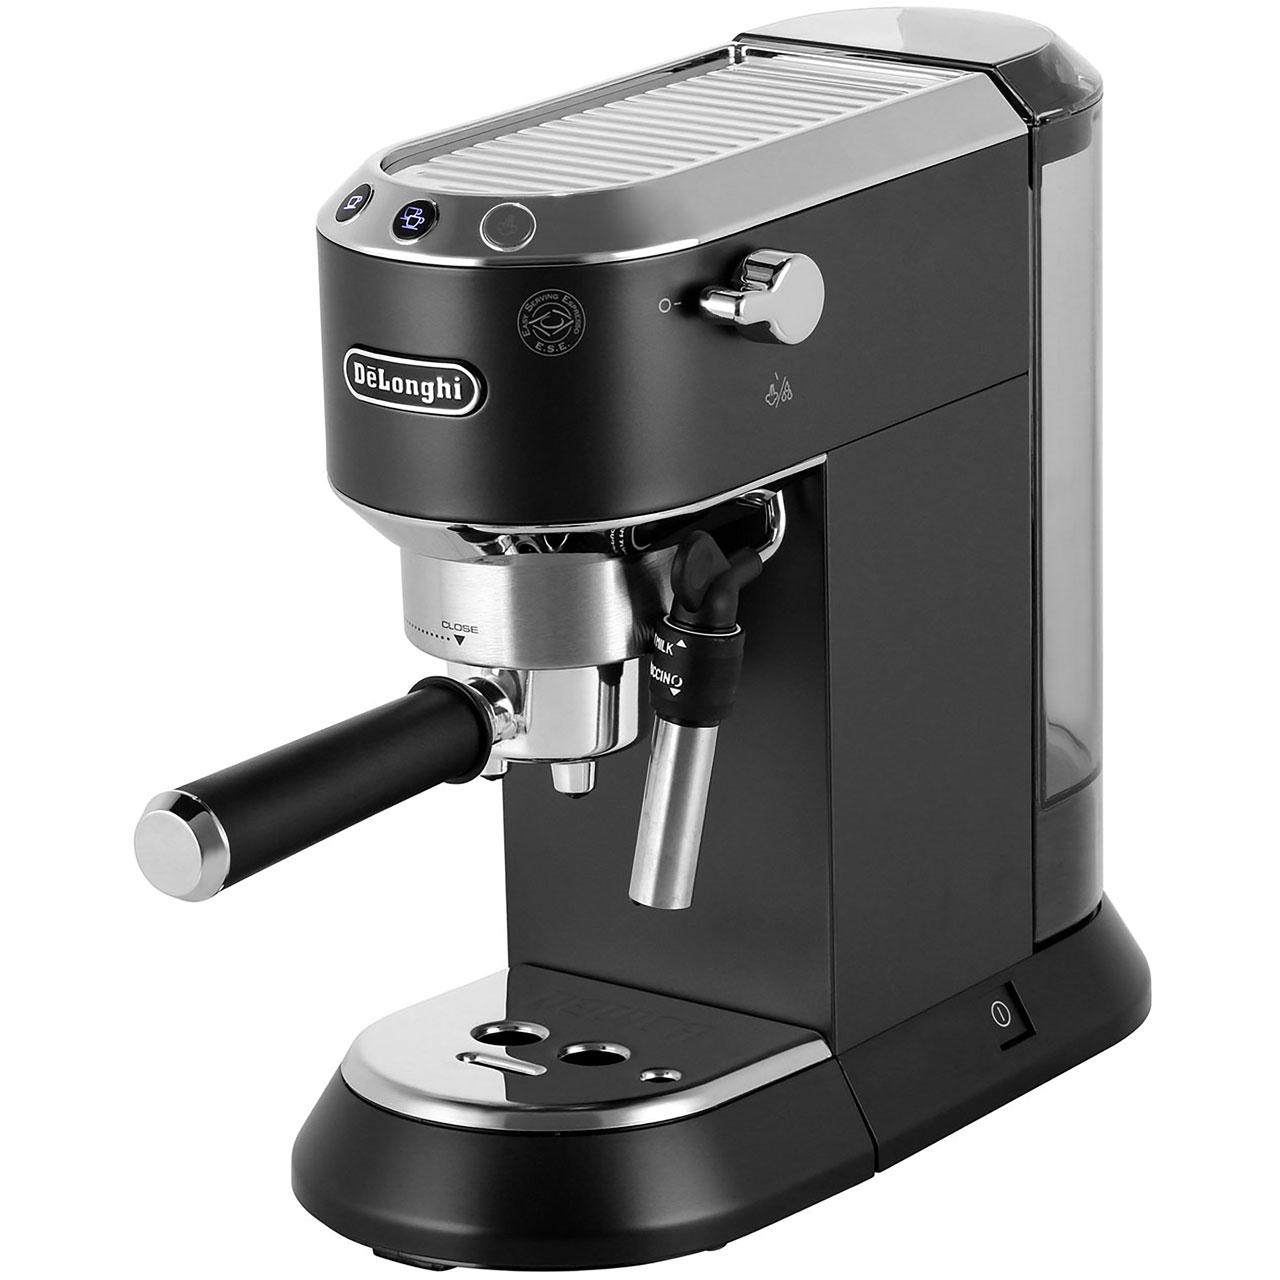 De Longhi Ec685 Bk Dedica Traditional Pump Espresso Coffee